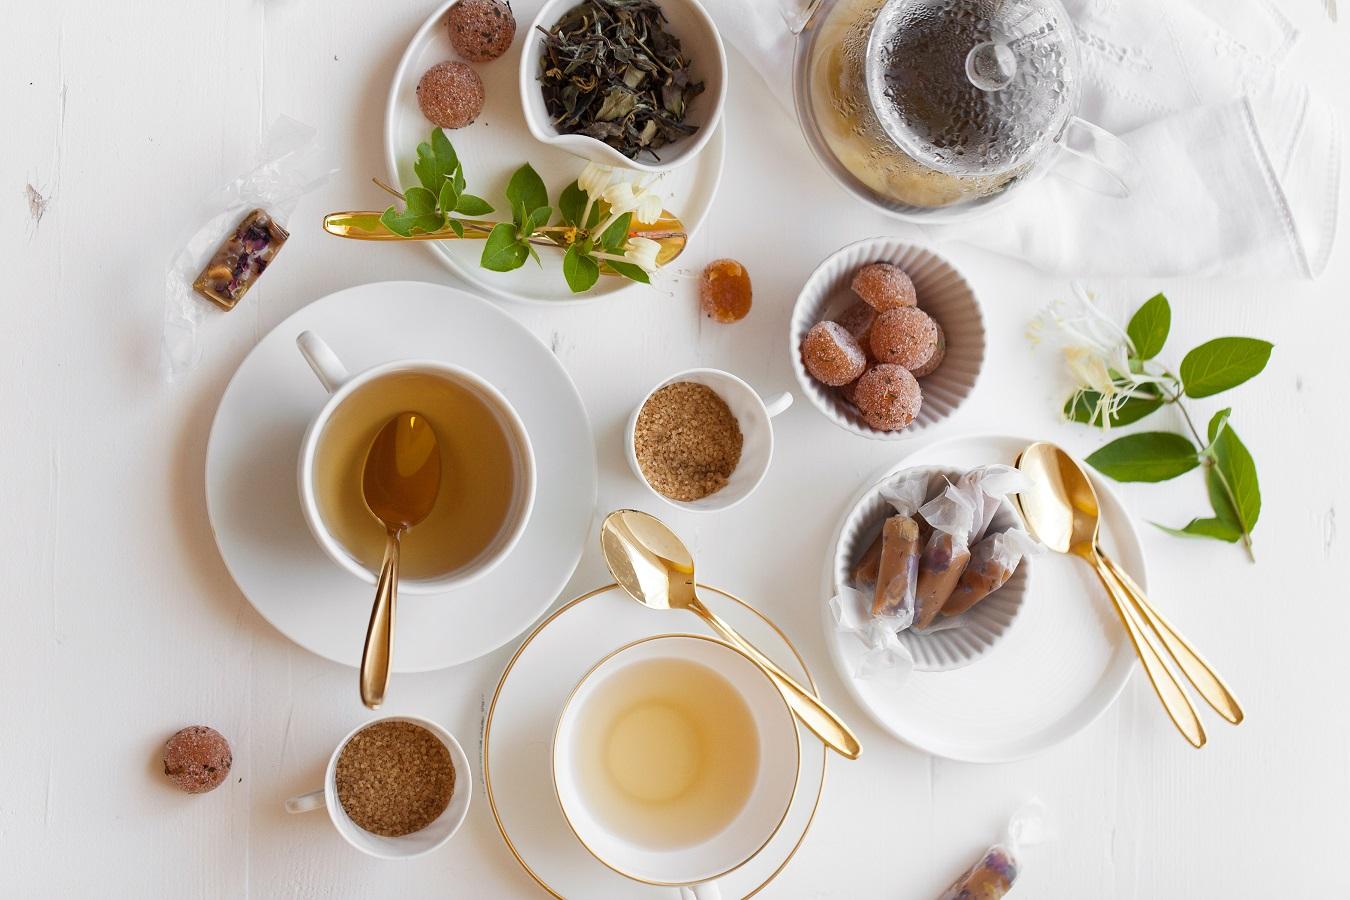 با چای سبز، چای سفید و چای سیاه و خواص آنها آشنا شوید